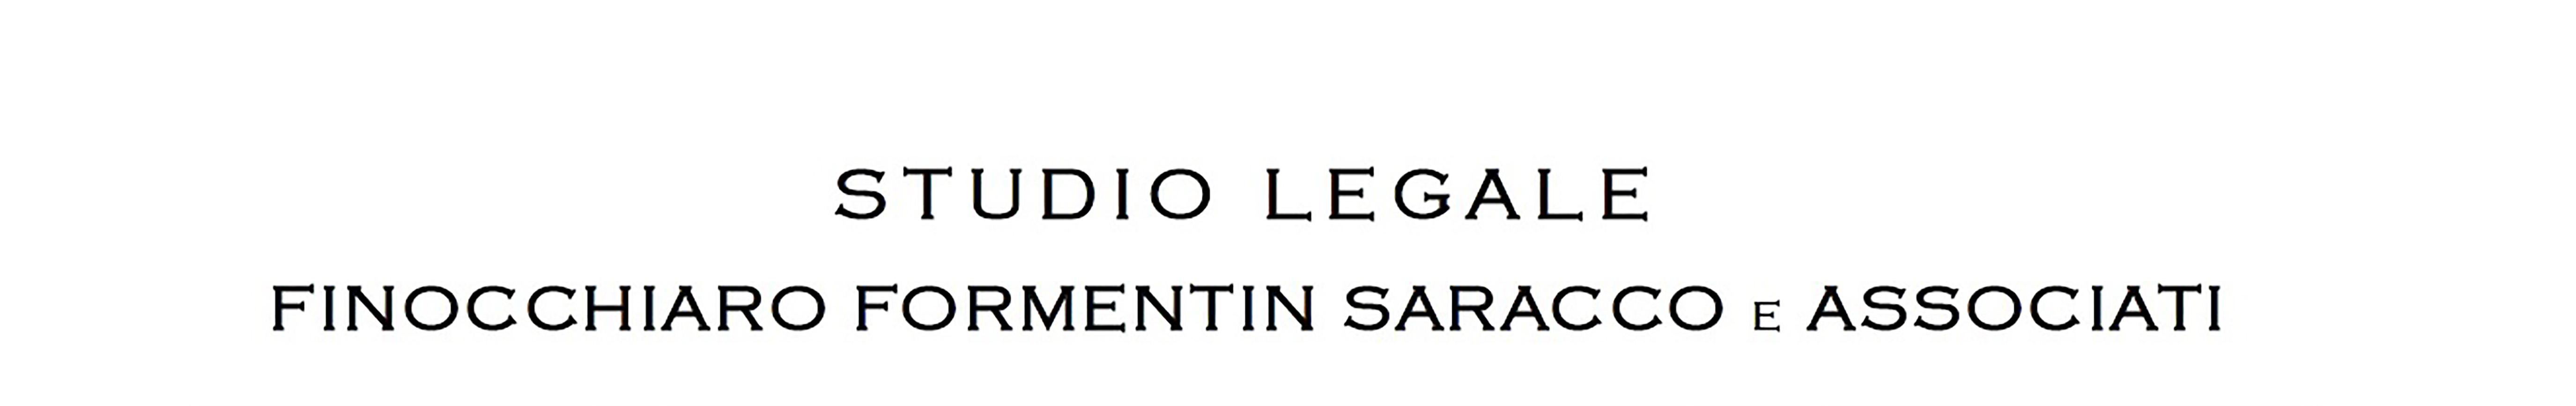 Studio Legale Finocchiaro Formentin Saracco